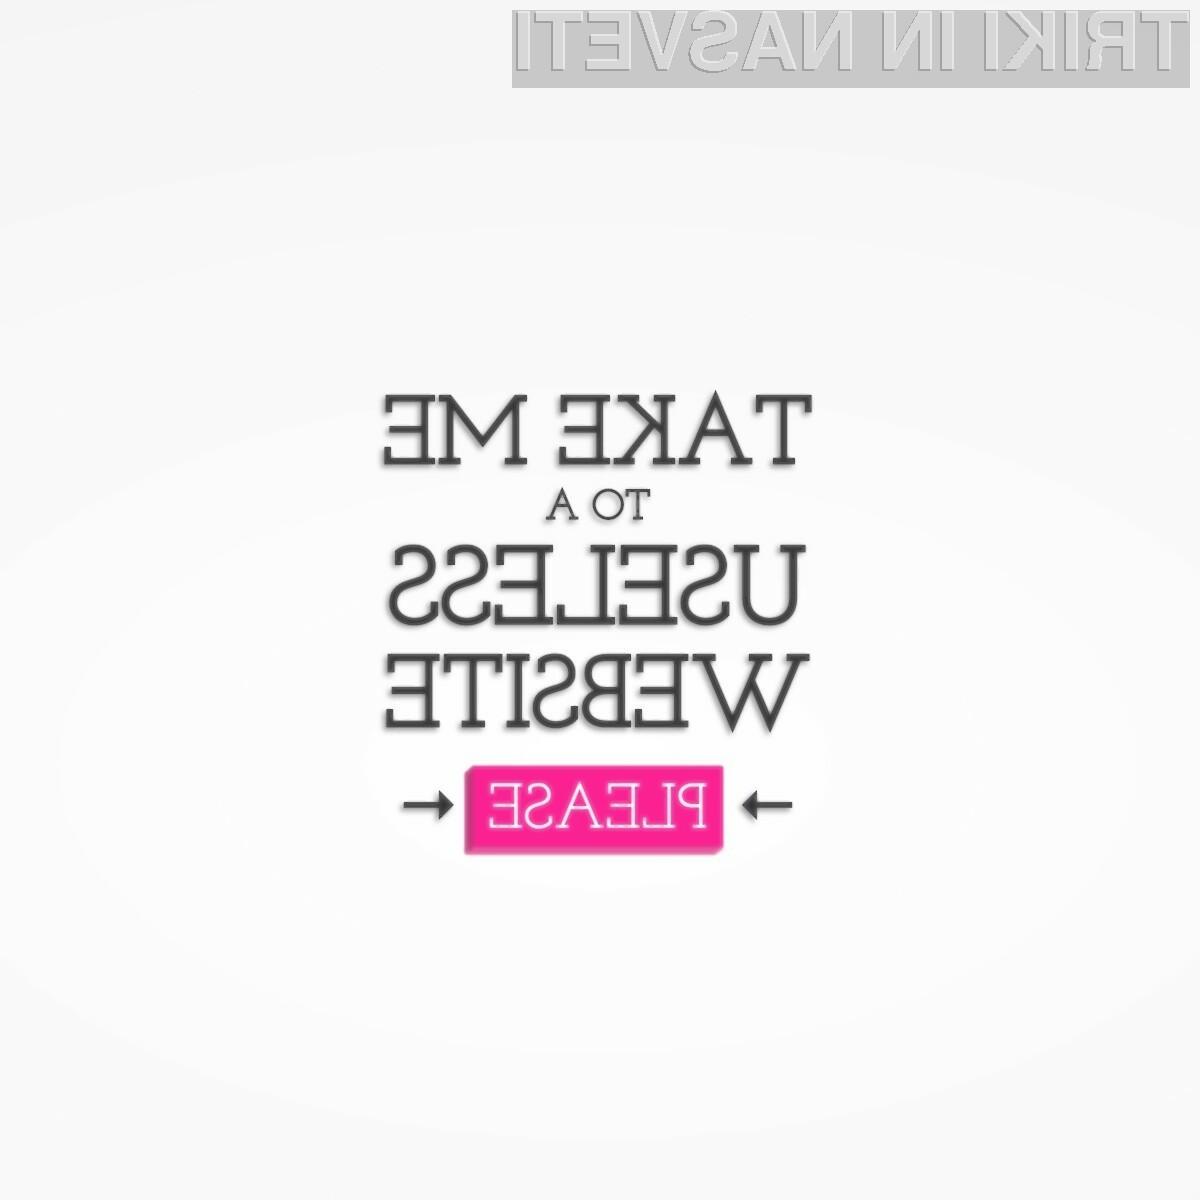 Ta spletna stran je kot nalašč za izgubljanje časa